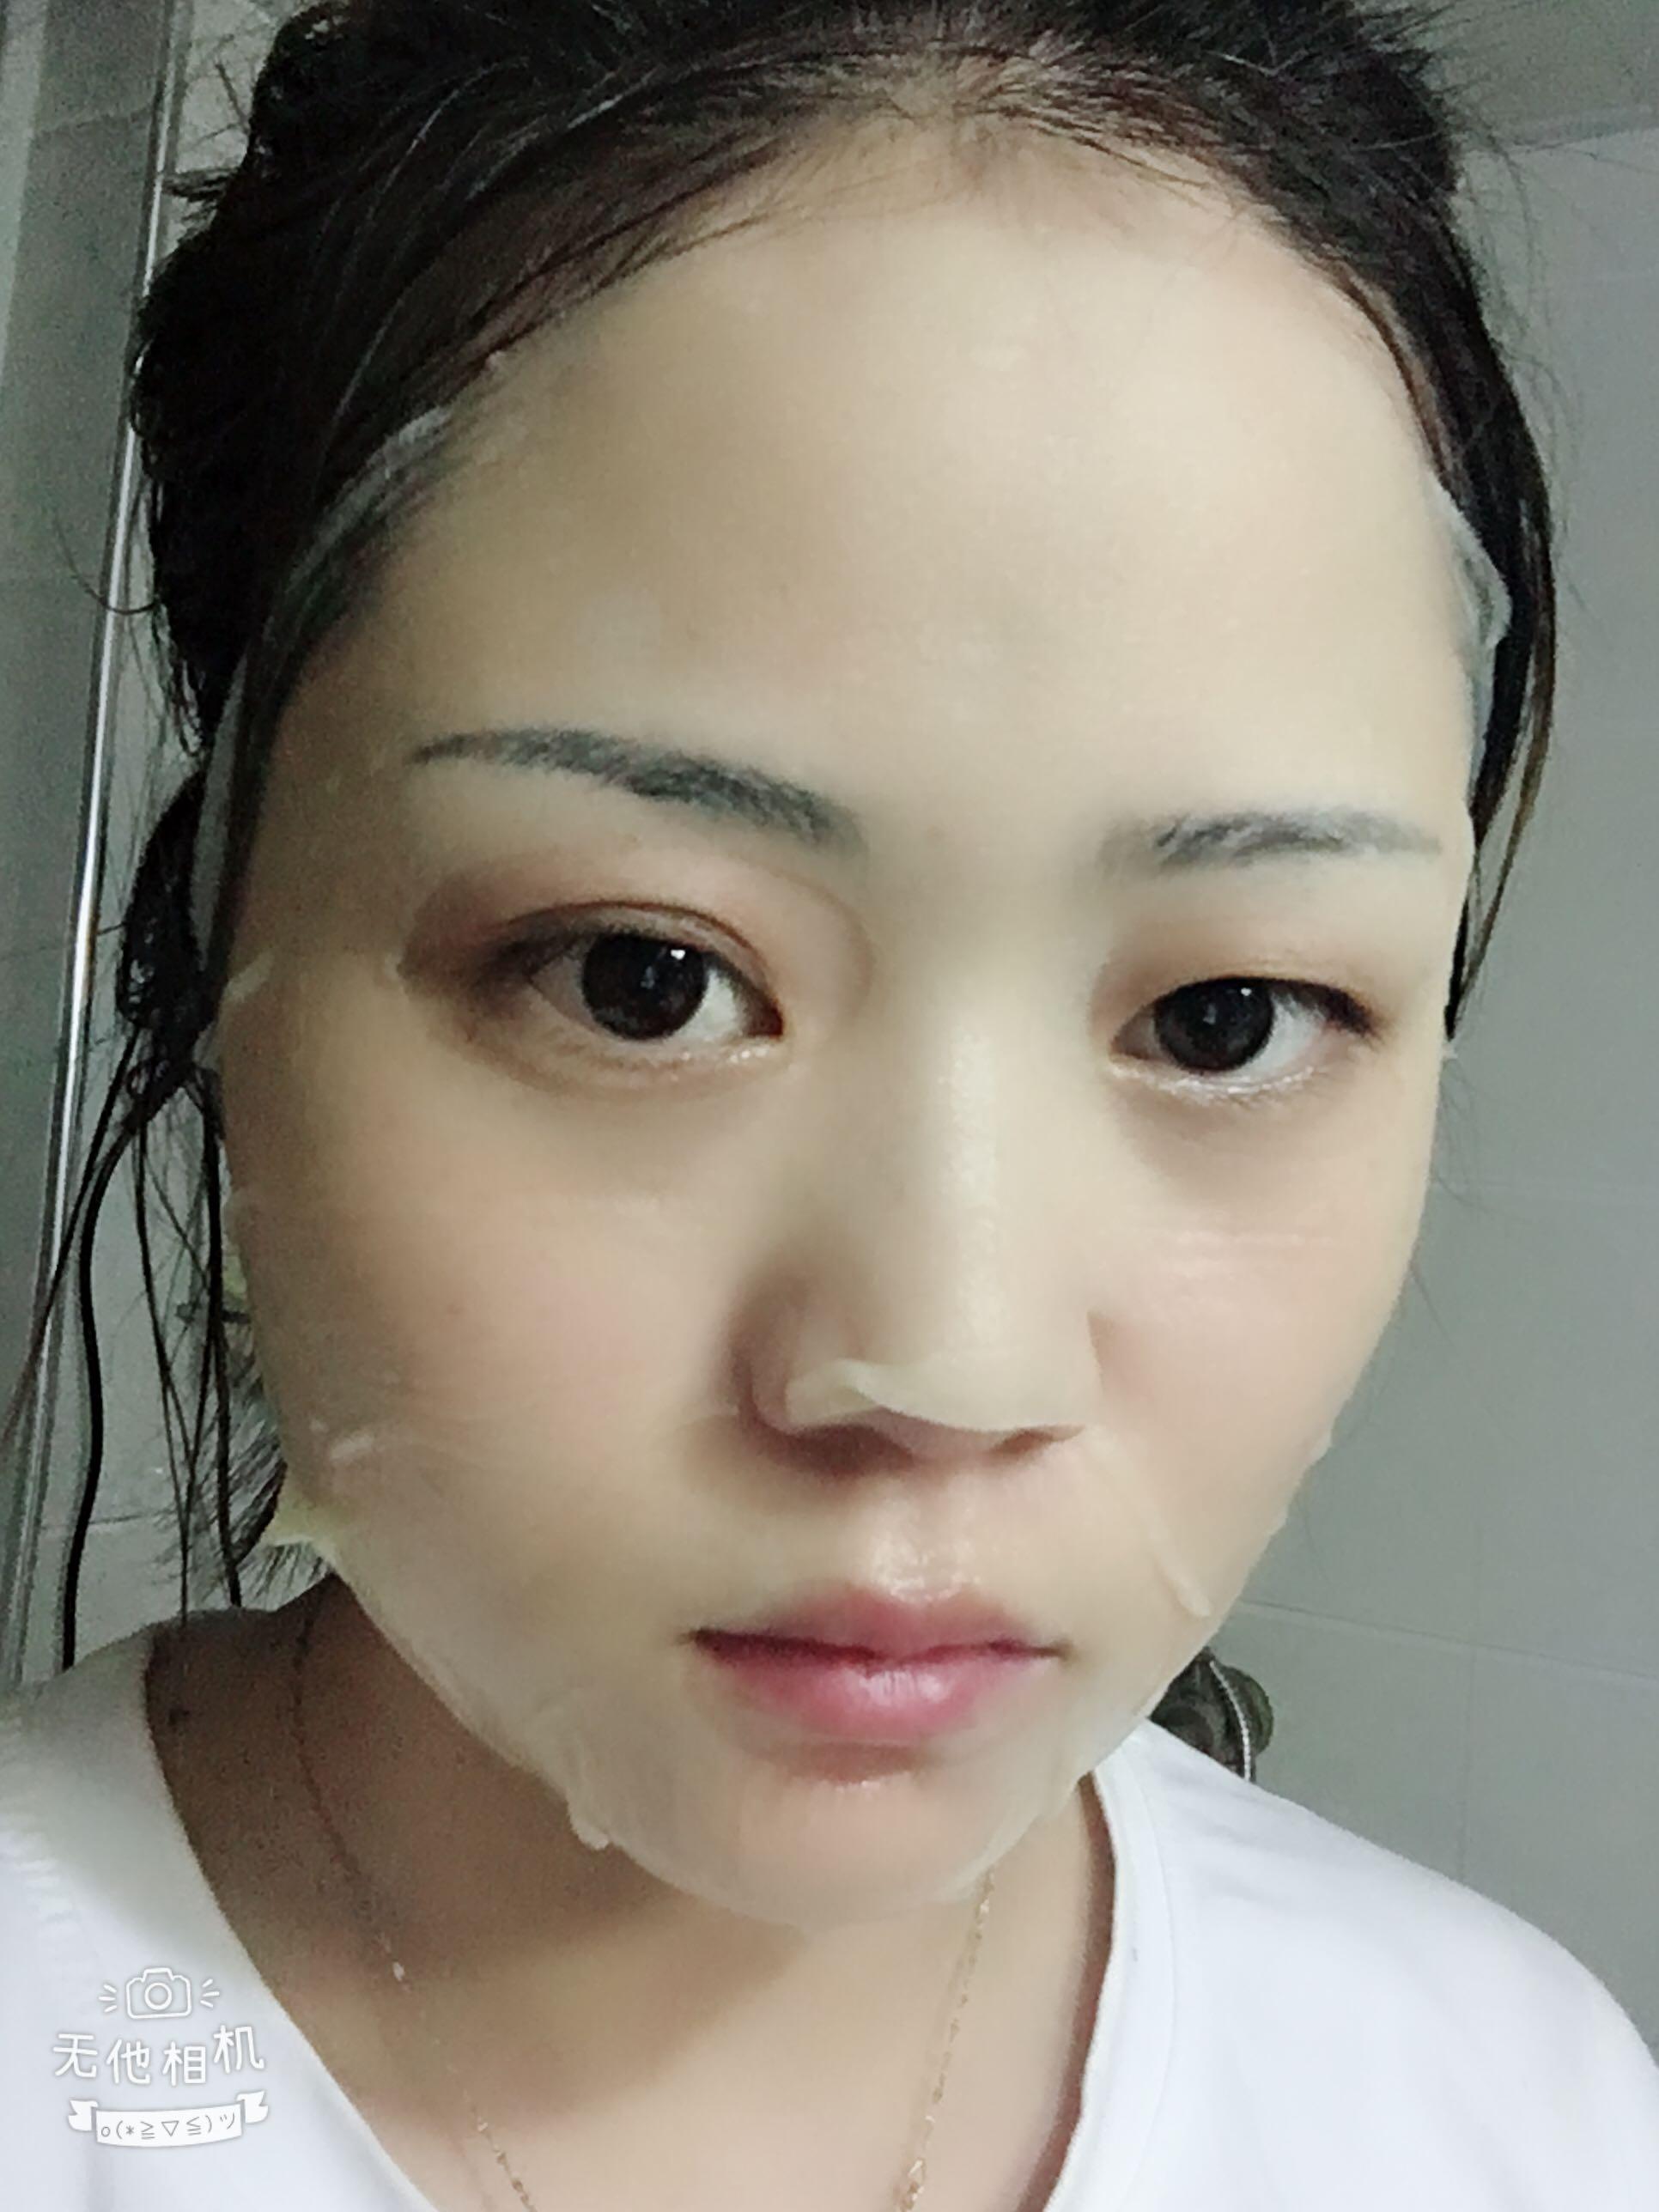 用kym冷热吸黑头神器吸出很多油脂,收缩毛孔,堪比去美容院做一次小气泡